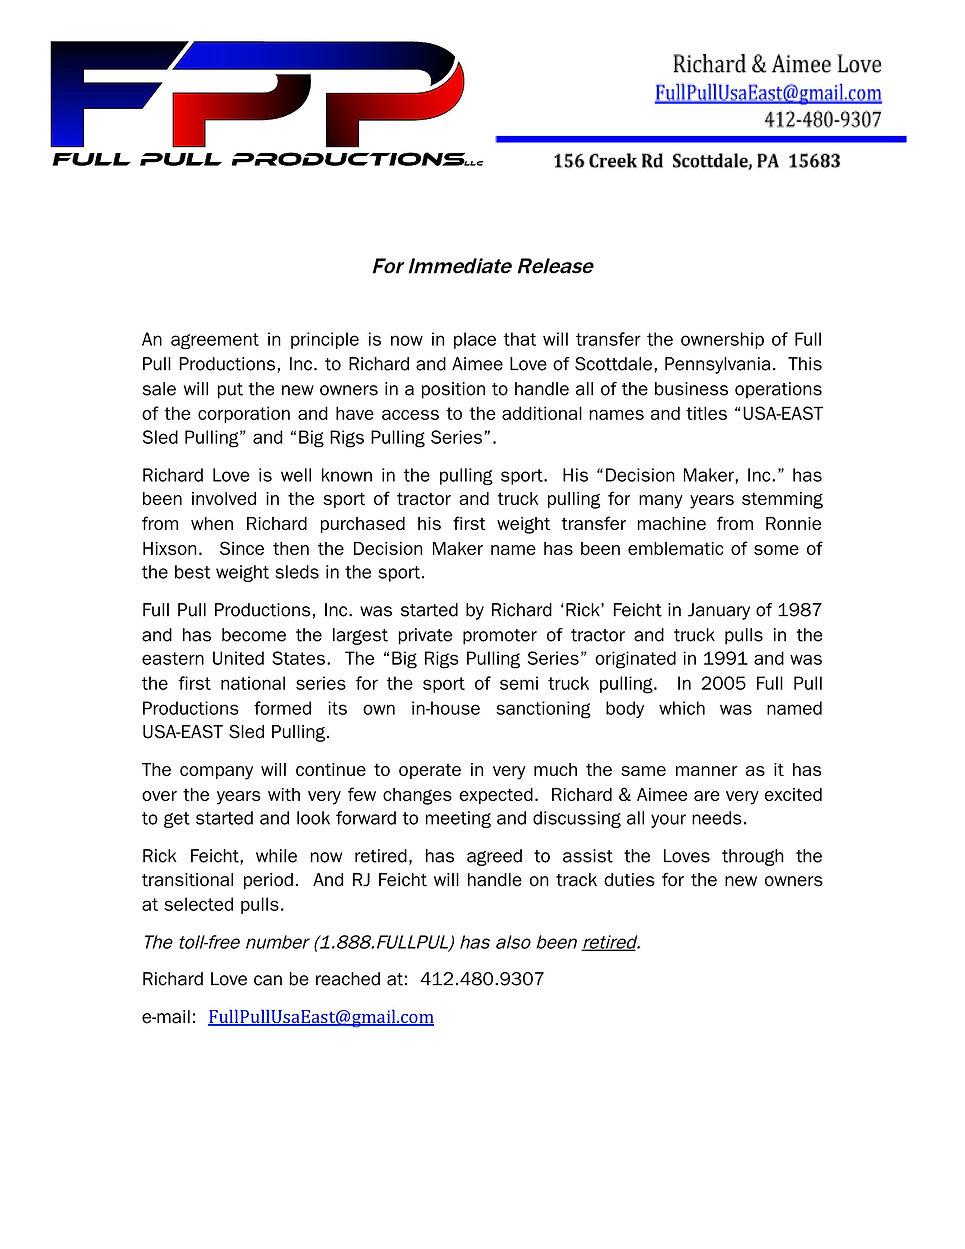 FPP Public Press Release-page-001.jpg